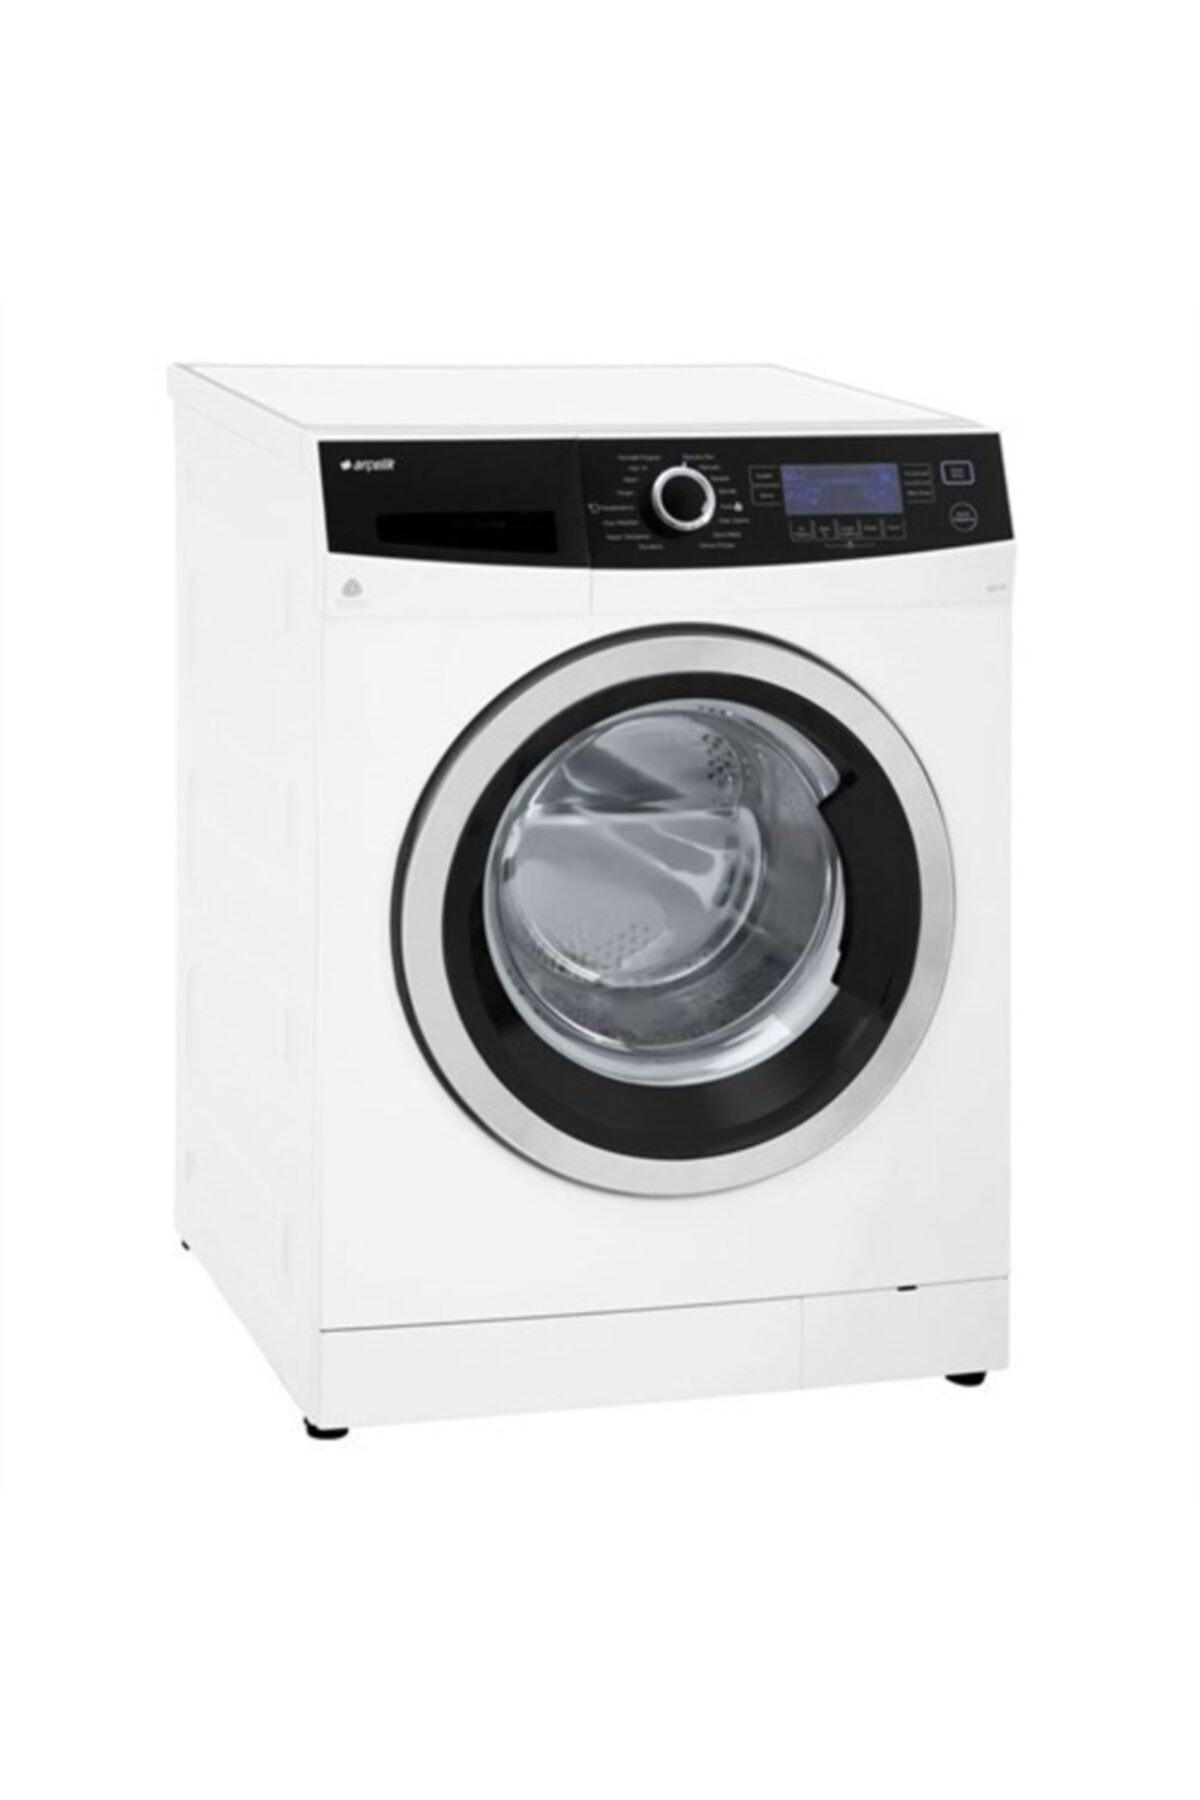 Arçelik 8127 N 8 Kg 1200 Devir In Love Çamaşır Makinası Fiyatı, Yorumları -  Trendyol